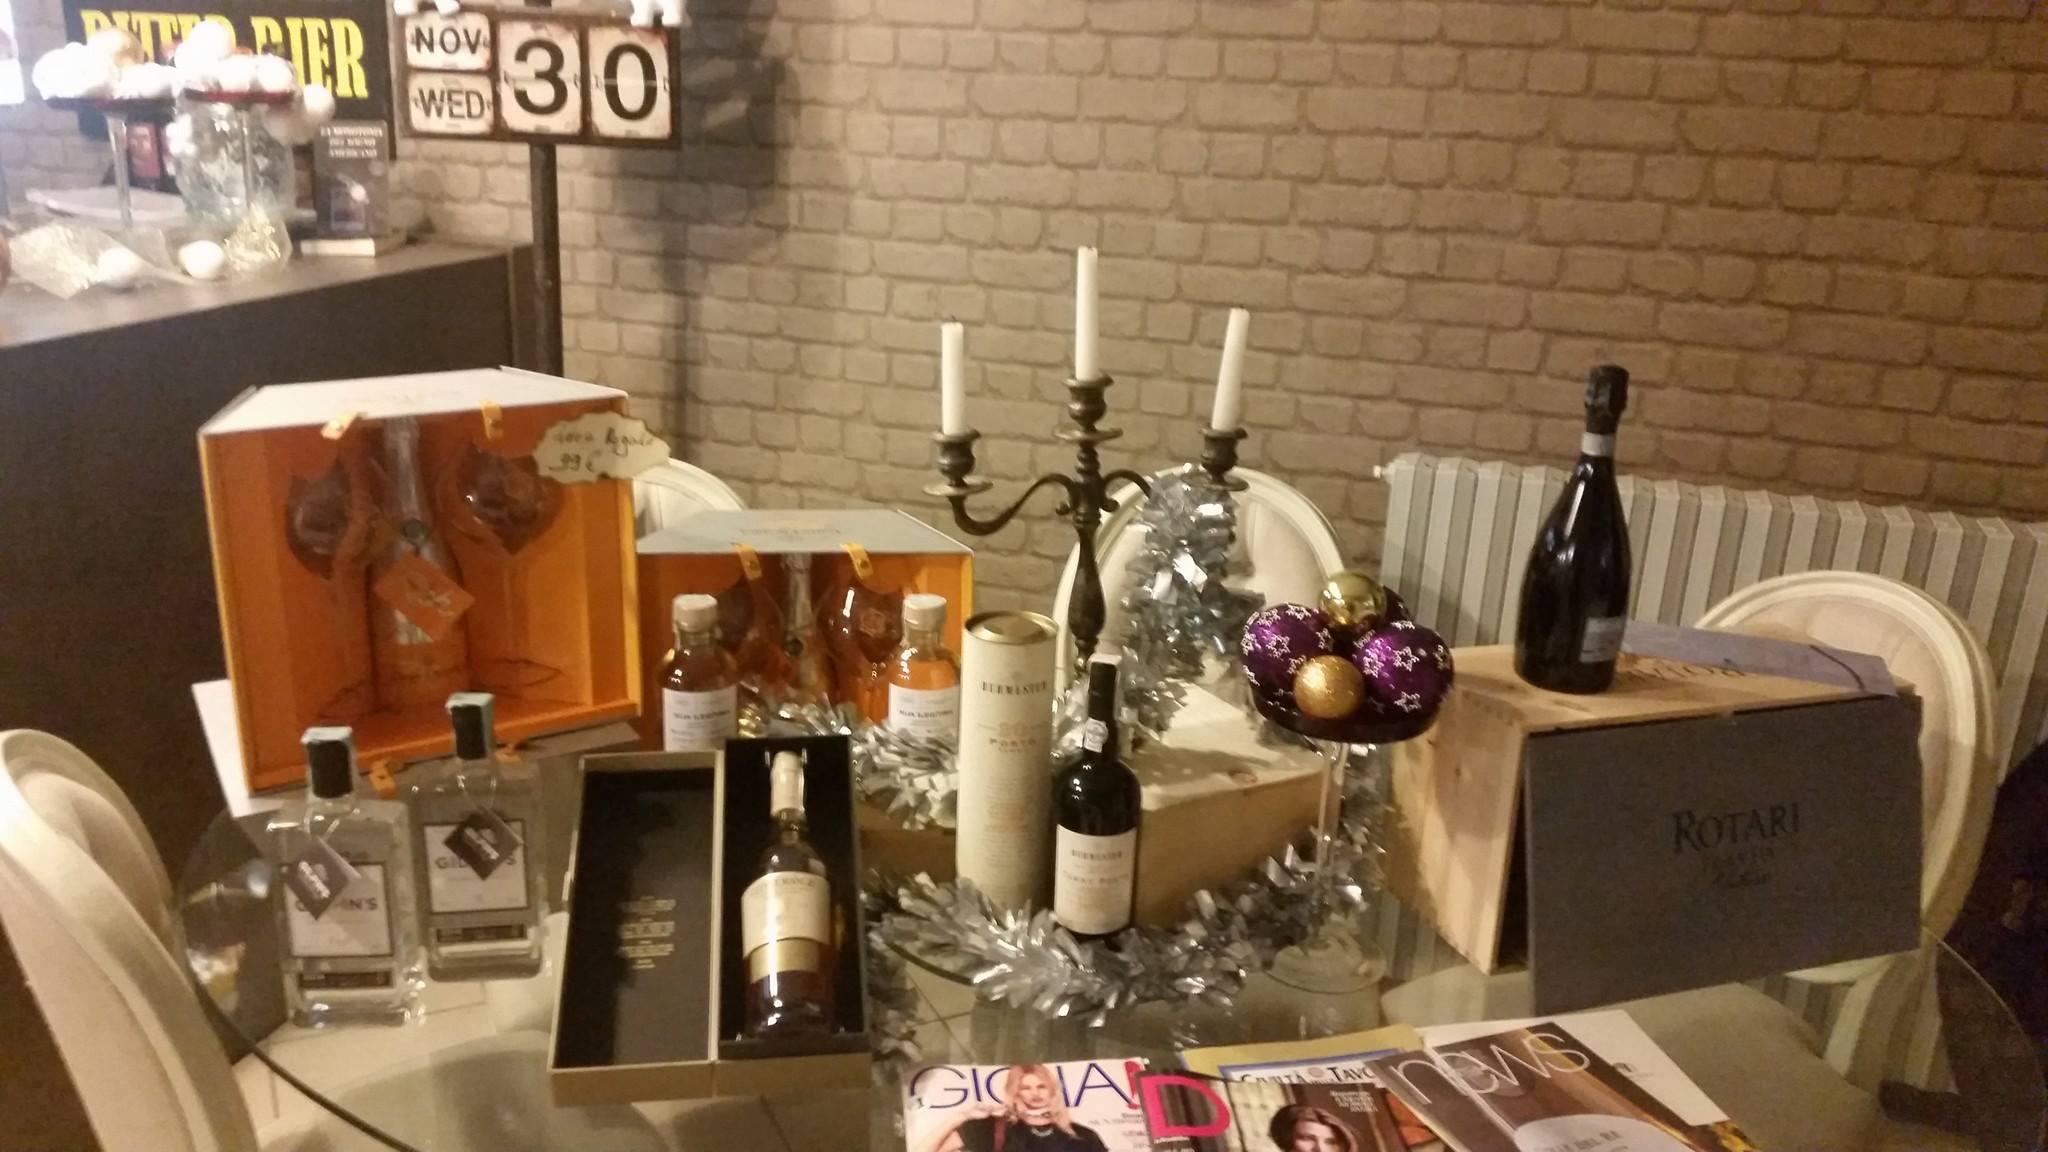 tavola con riviste,candelabro e serie di liquori esposti con le loro scatole